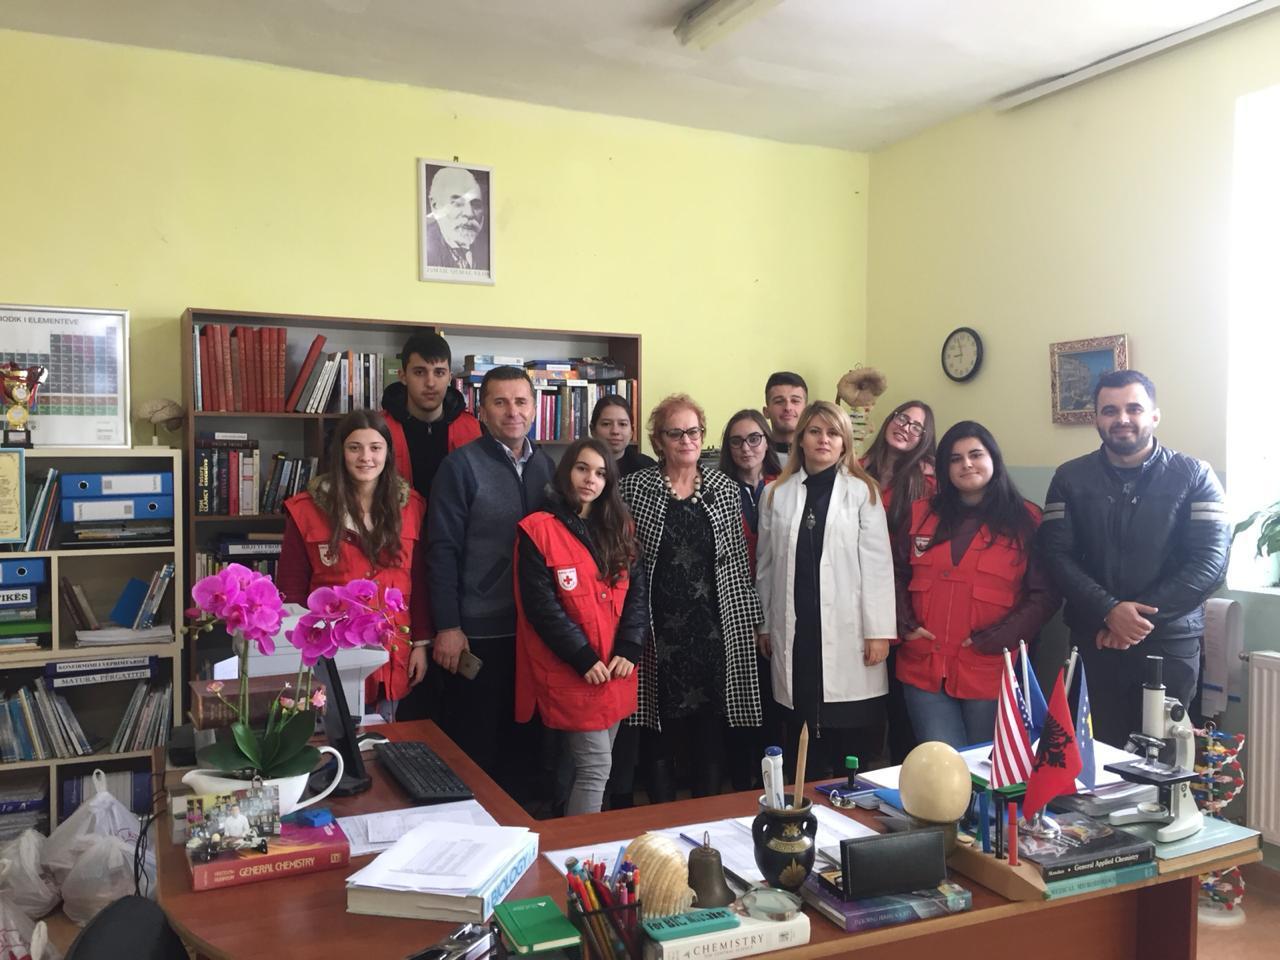 Një tjetër aktivitet bashkëpunimi midis nxënësve të shkollës Ibrahim Kodra dhe Kryqit të Kuq, Durrës